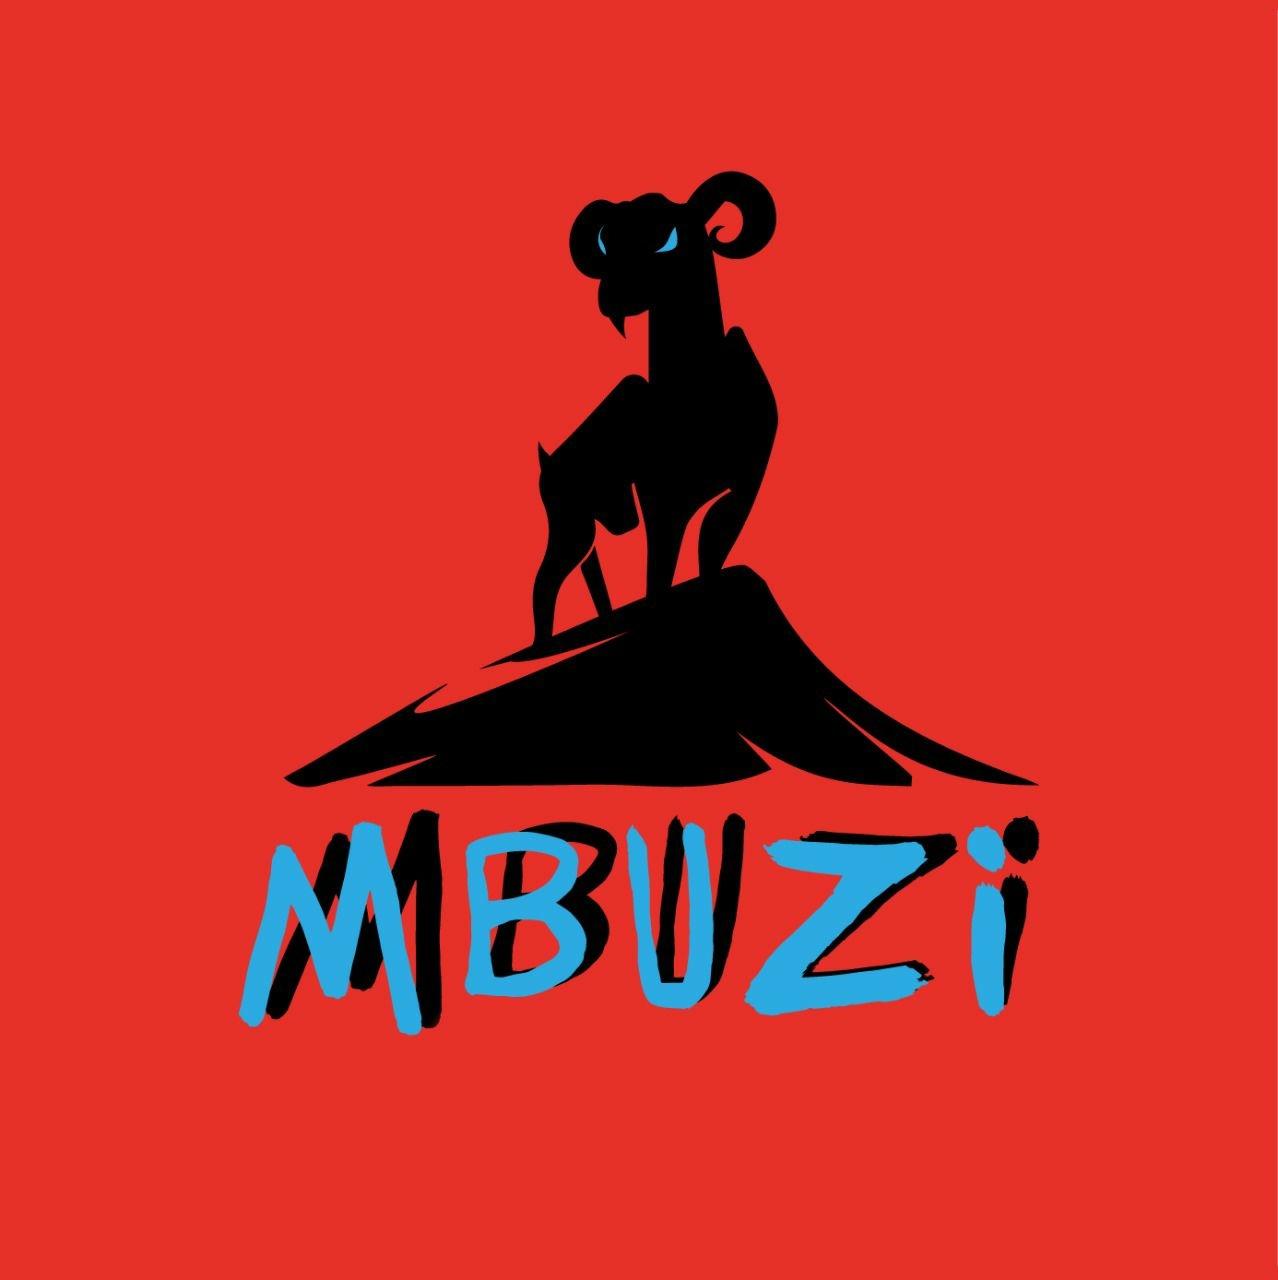 Mbuzi Outdoor